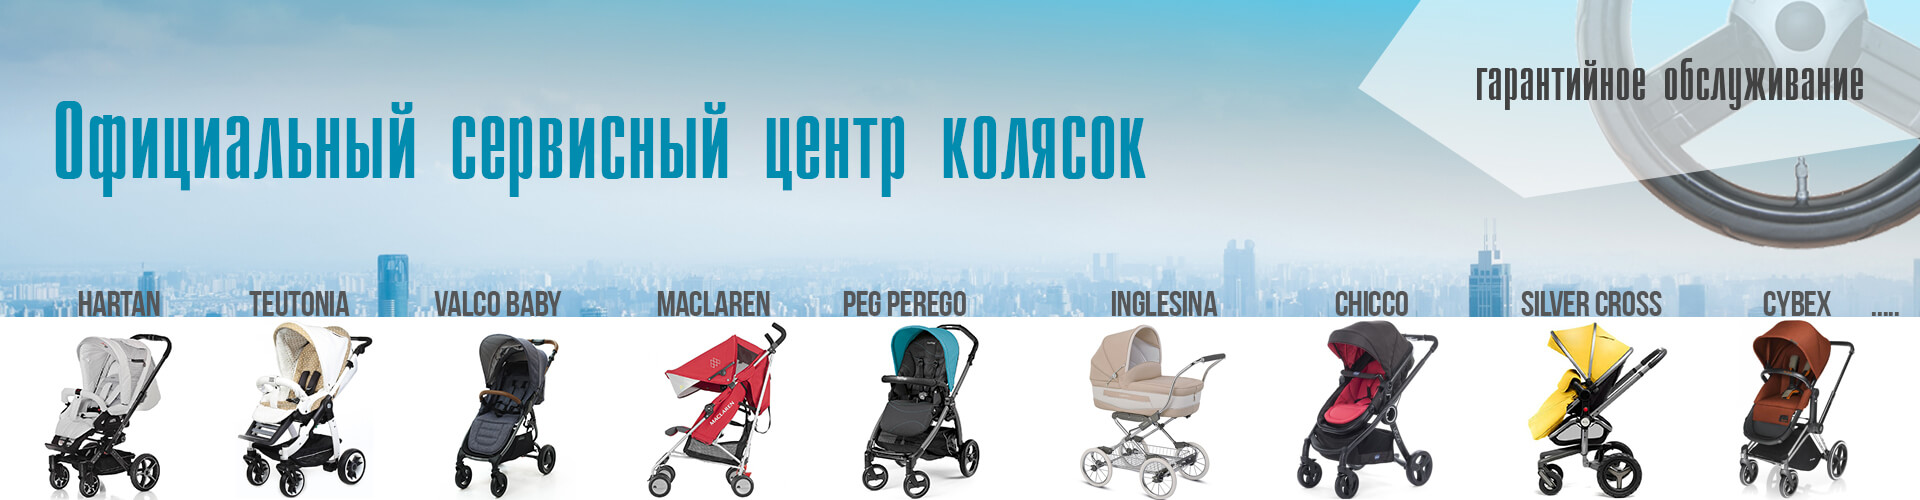 oficialnyj-servisnyj-centr-kolyasok